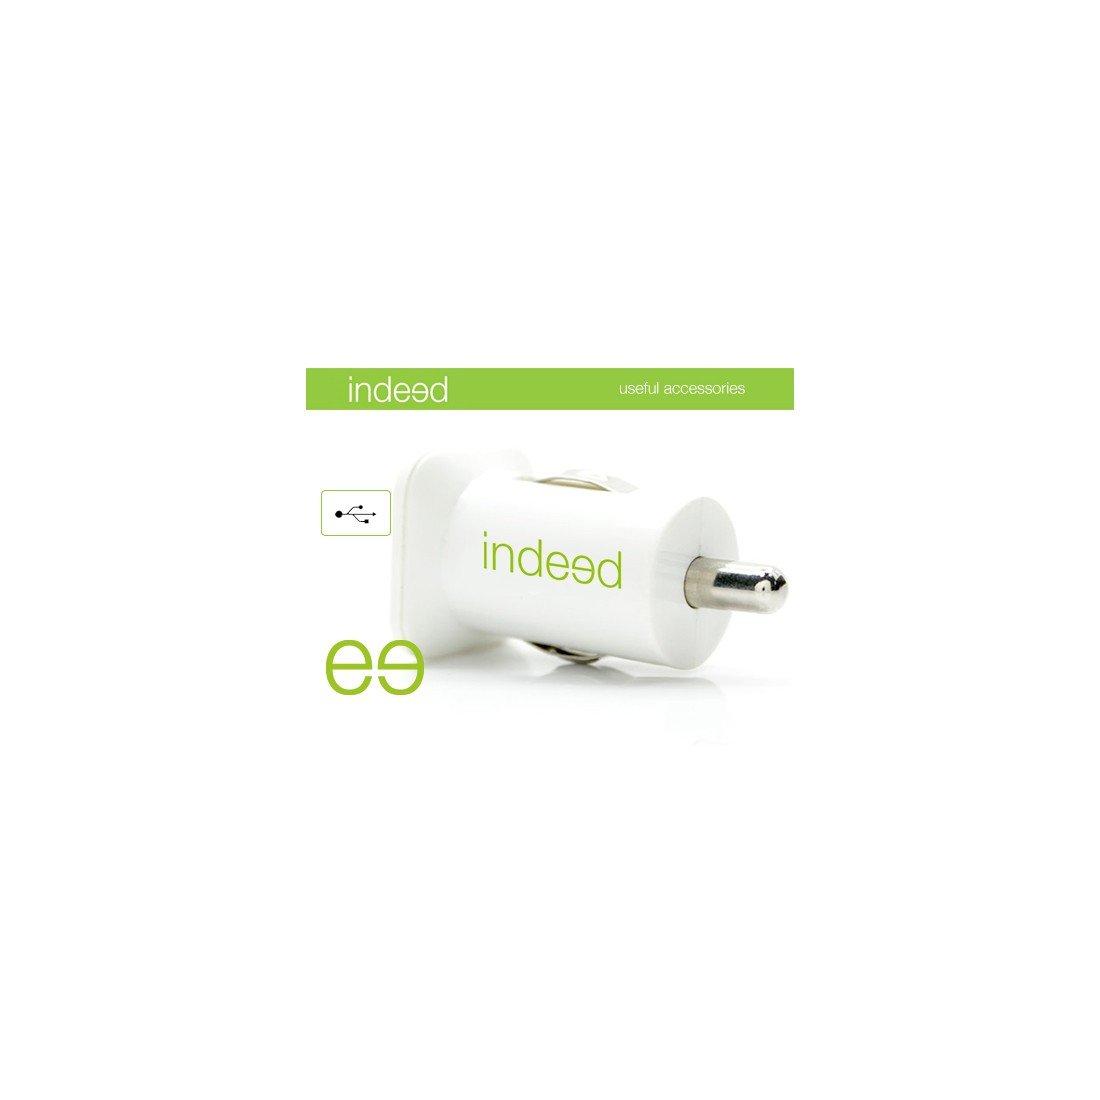 Cargador - Indeed INDDC3 Dual, 3 en 1, Coche, Blanco